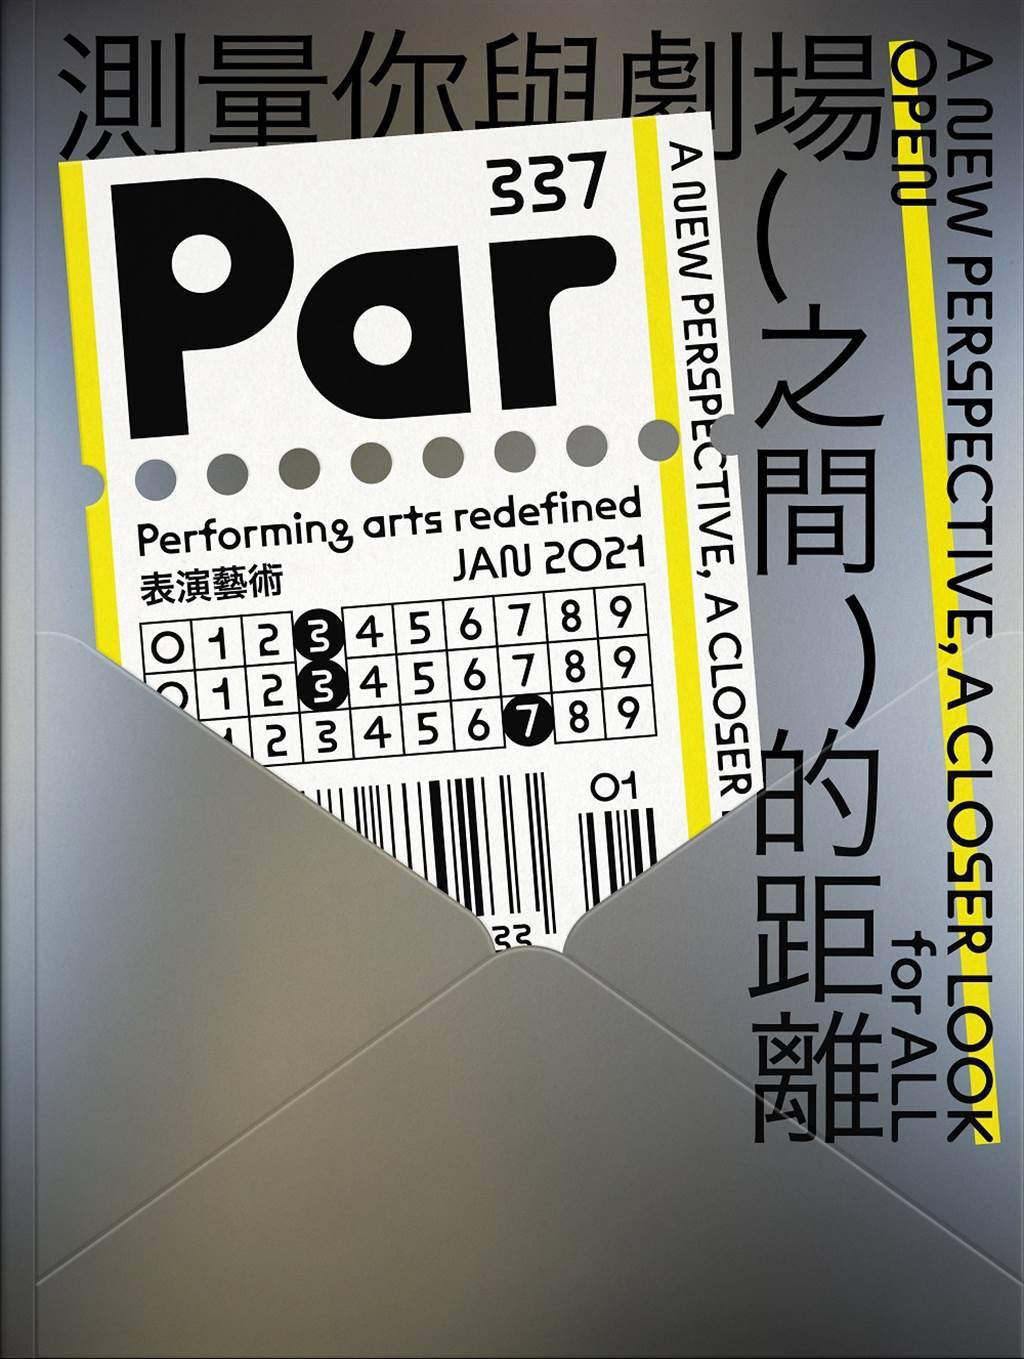 《PAR表演藝術 1月號第337期》